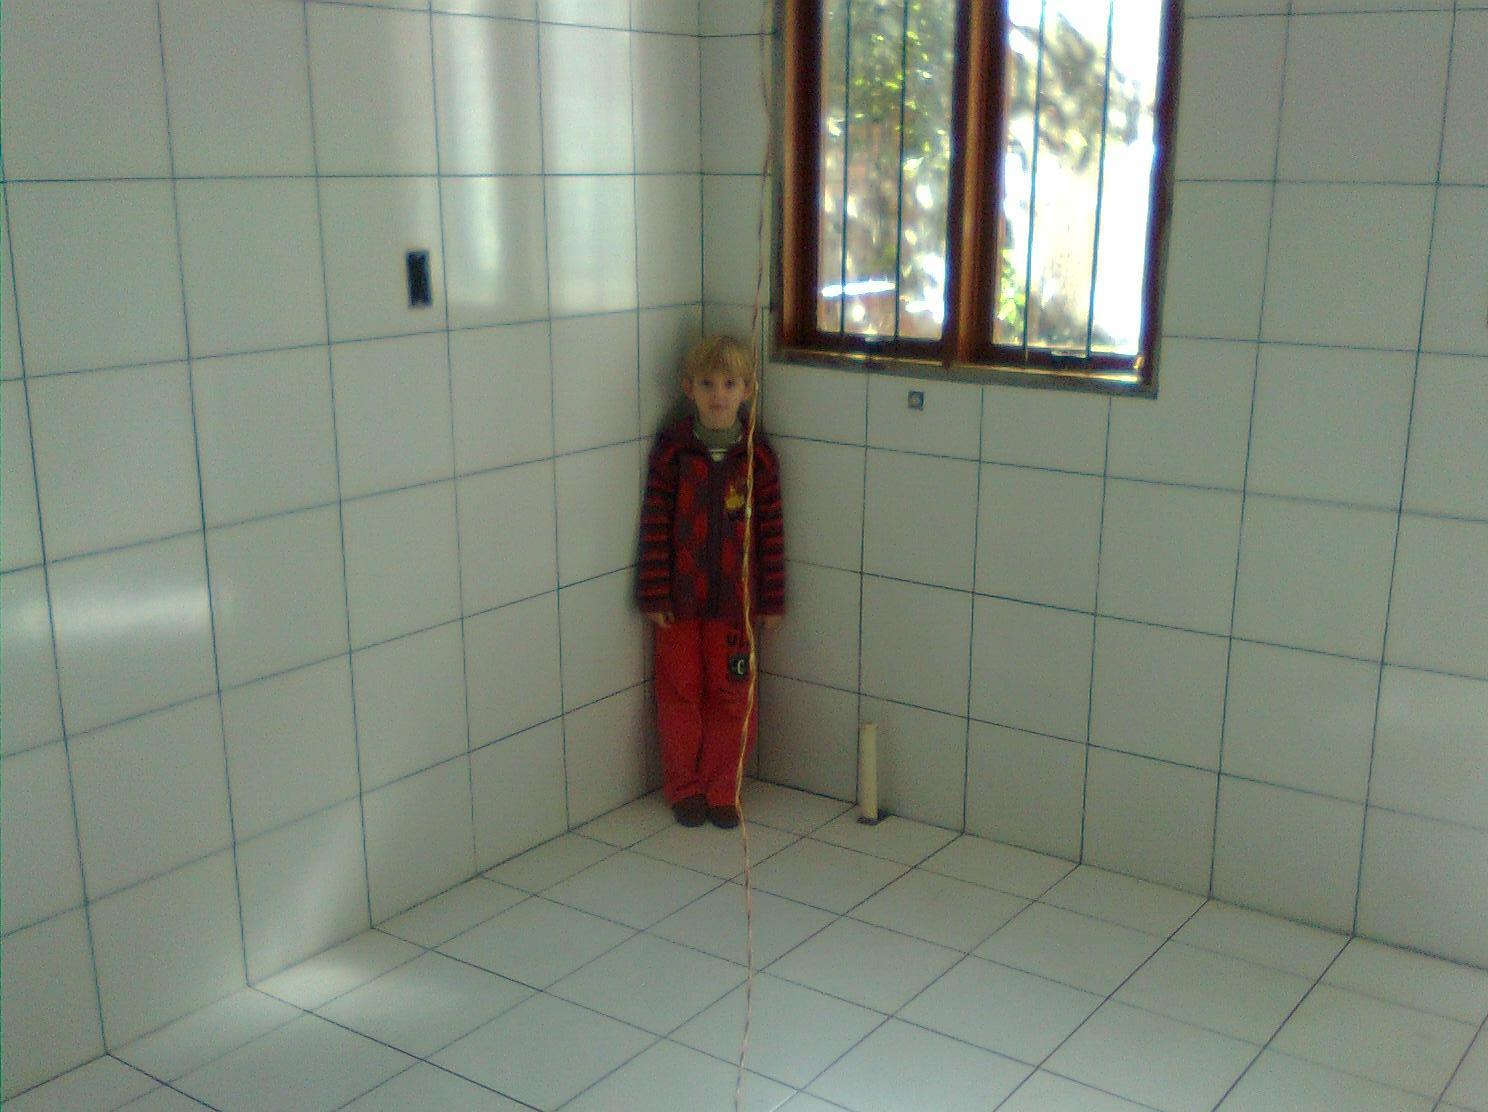 : Revestimento da cozinha área de serviço e banheiro quase pronto #623023 1488x1112 Banheiro Azulejo Metade